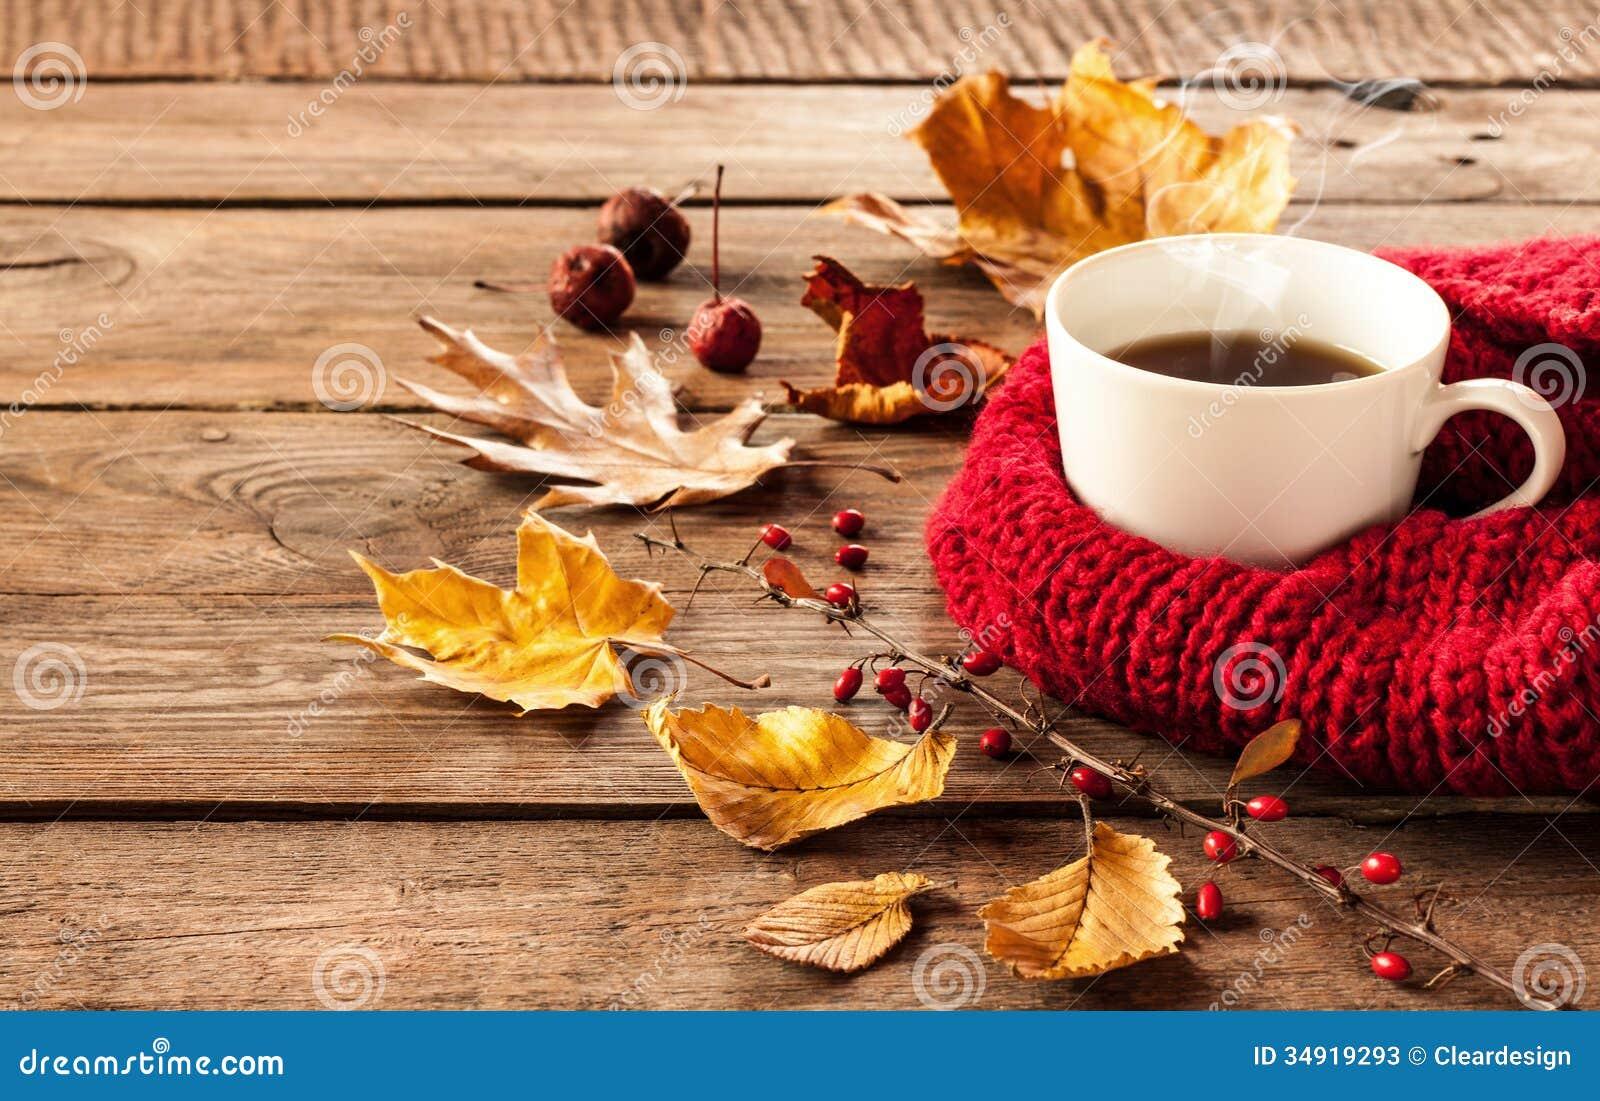 Горячие кофе и листья осени на винтажной деревянной предпосылке